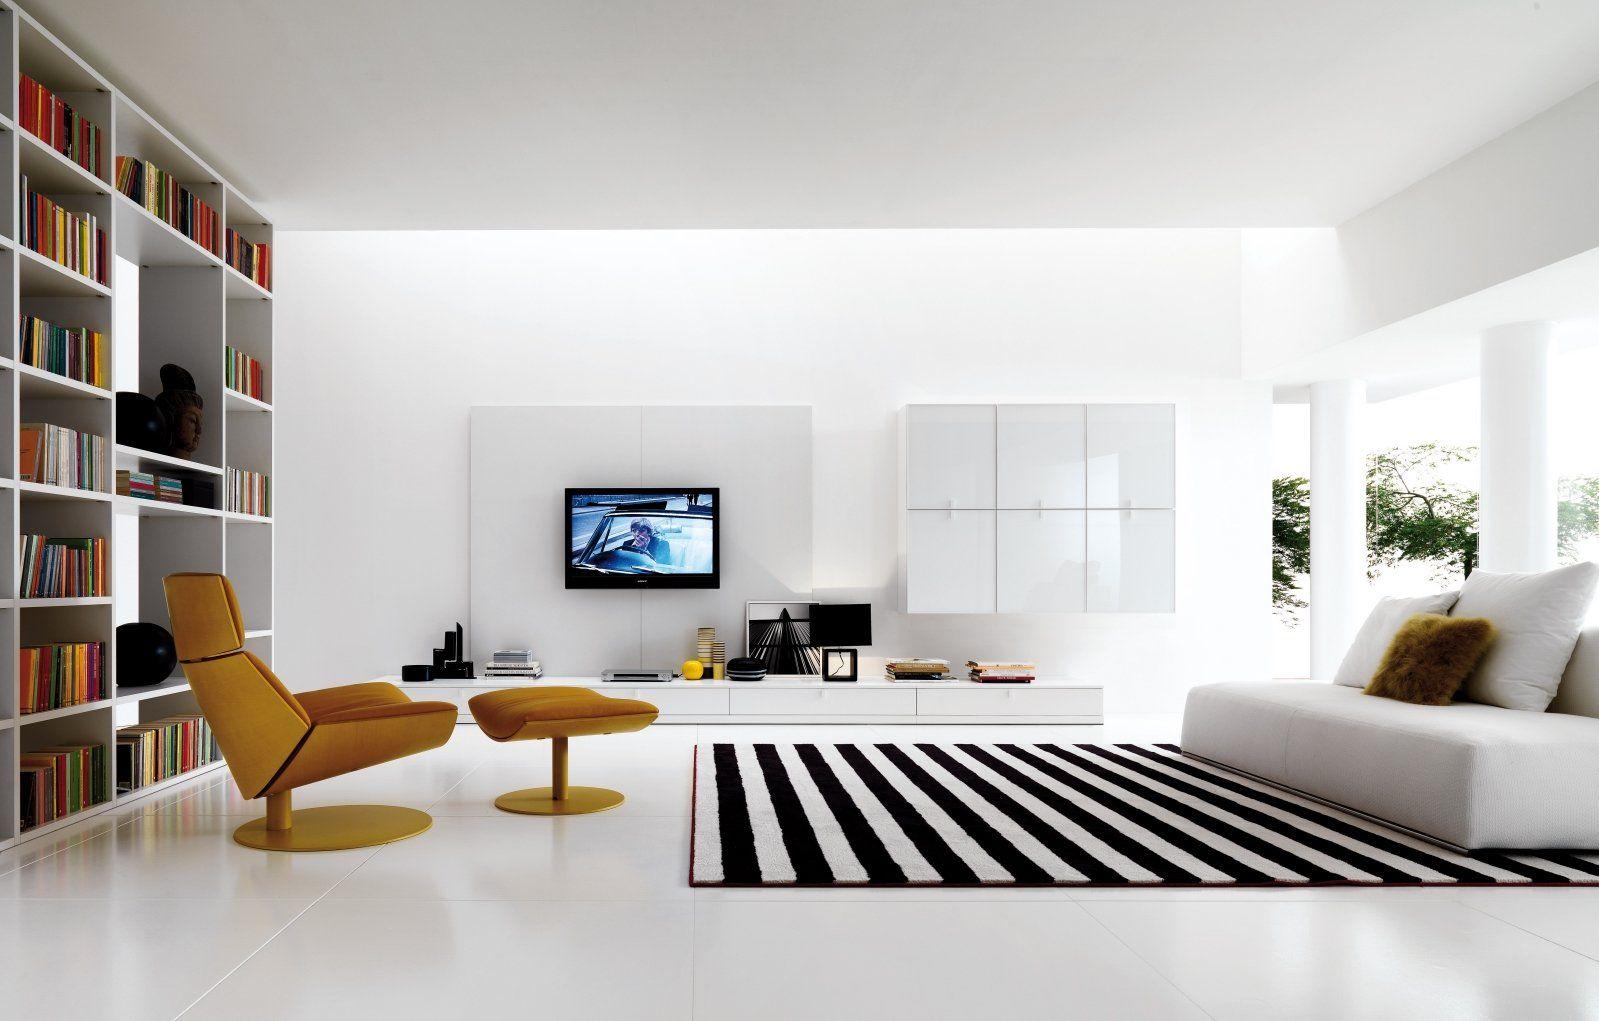 Modern Interieur Ideeen : Een modern interieur is strak eenvoudig en ruimtelijk op